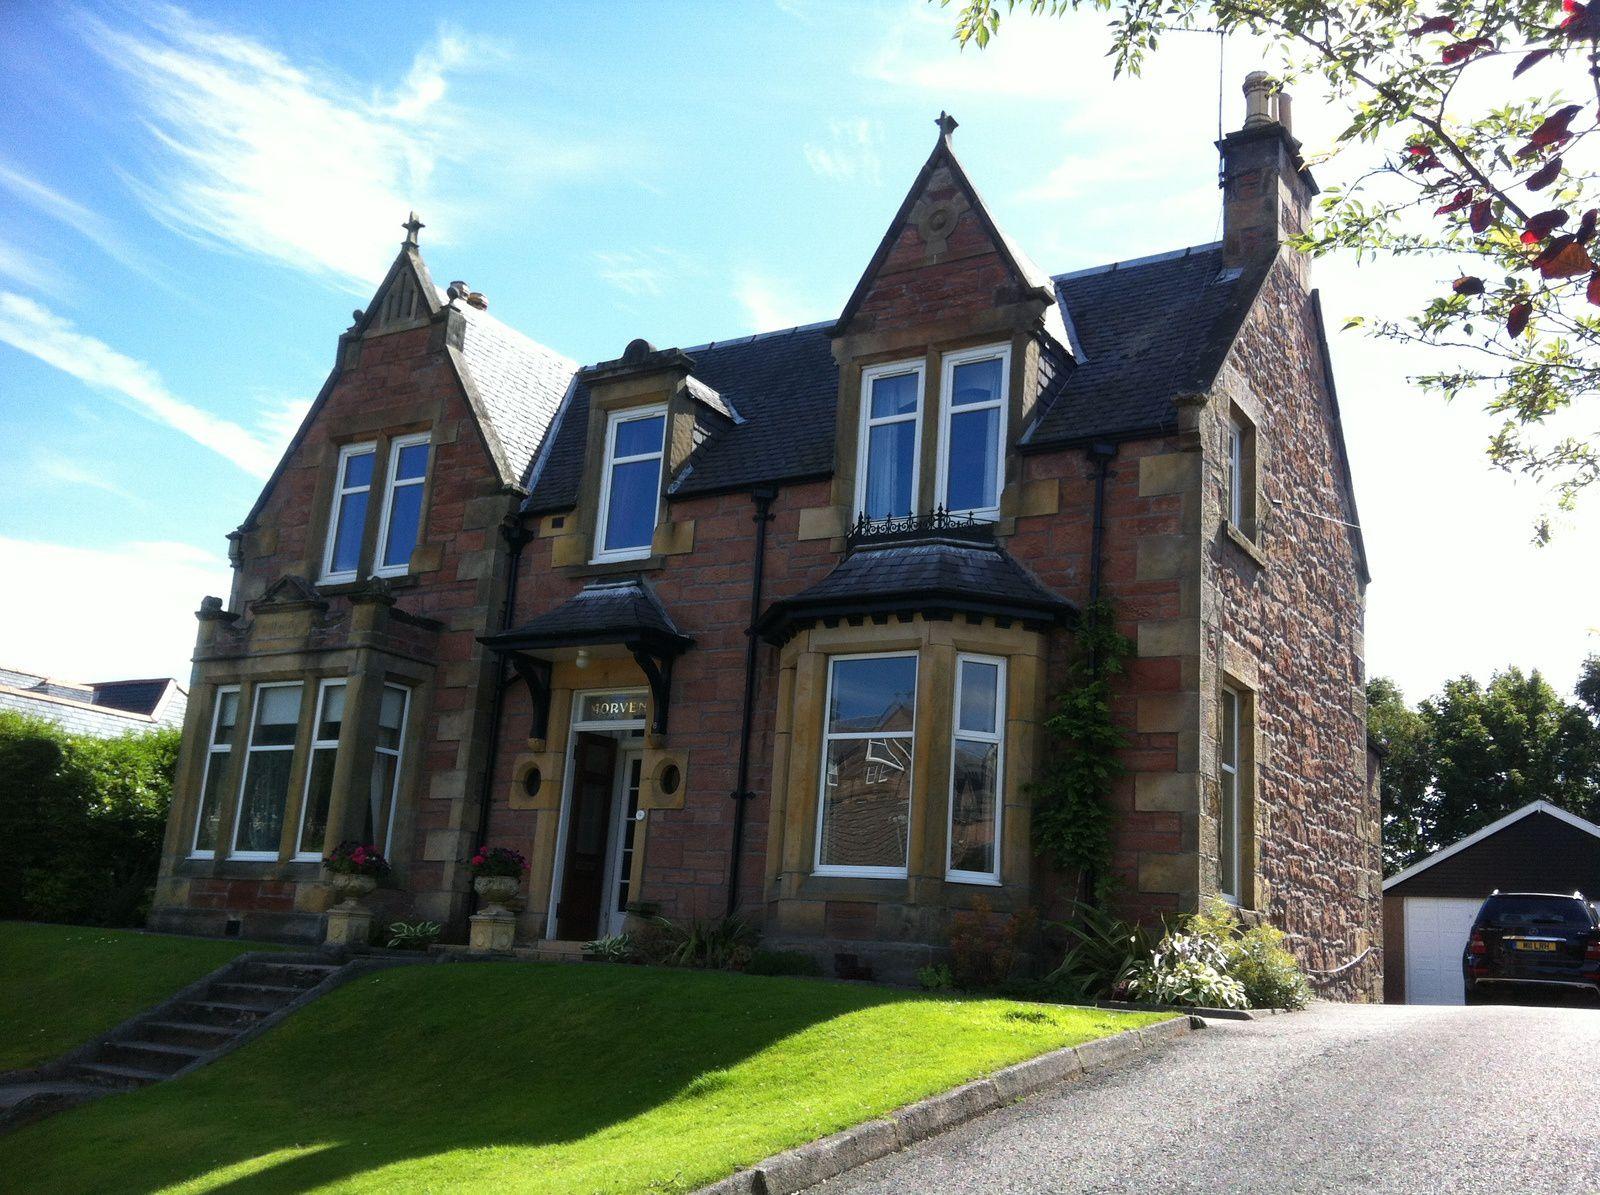 Inverness : son château, ses églises, les maisons de mes rêves...